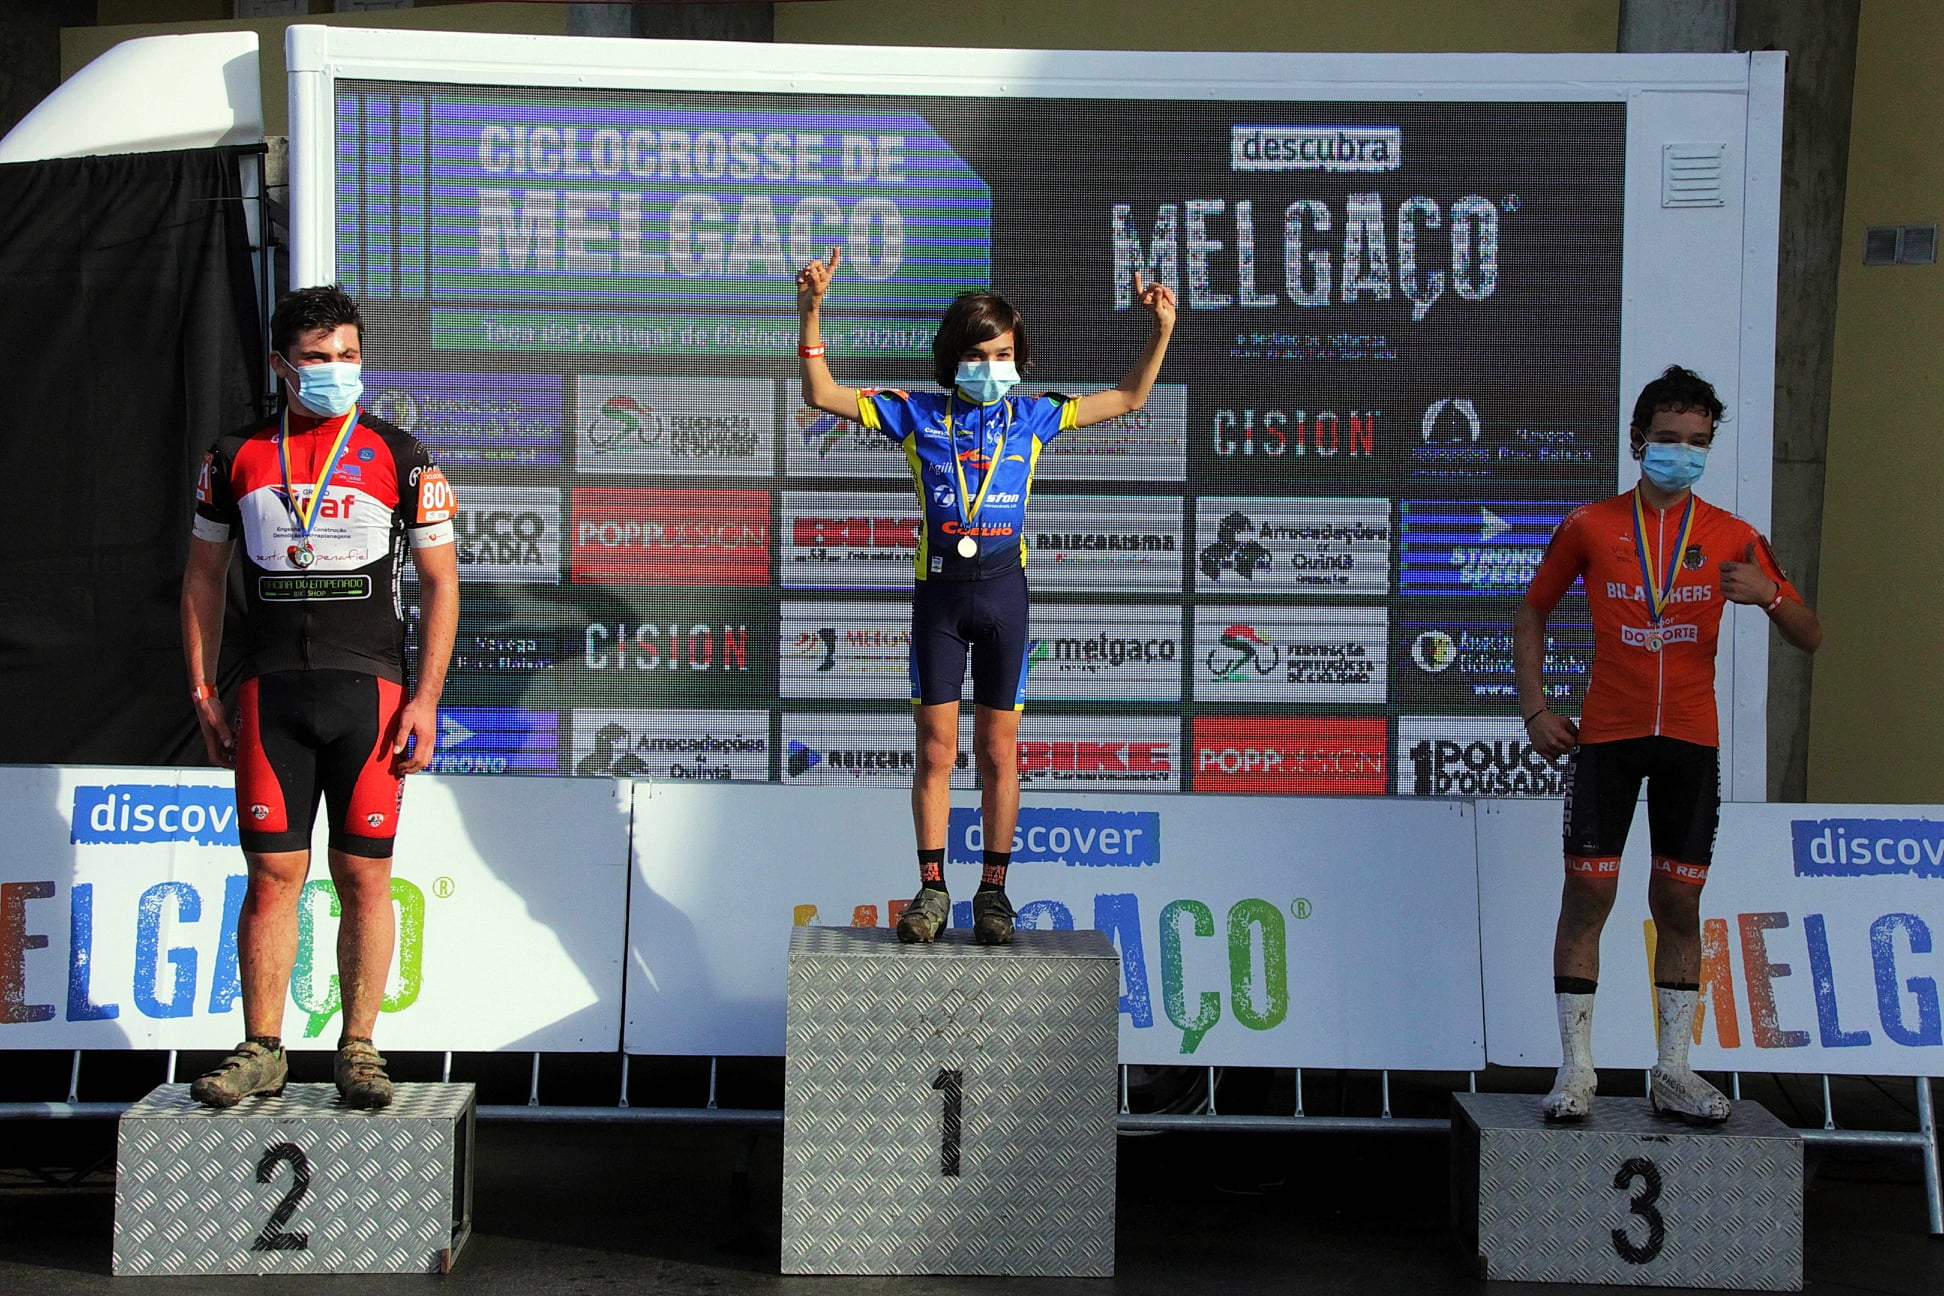 Uma vitória no arranque da Taça de Portugal de Ciclocrosse 2020/2021